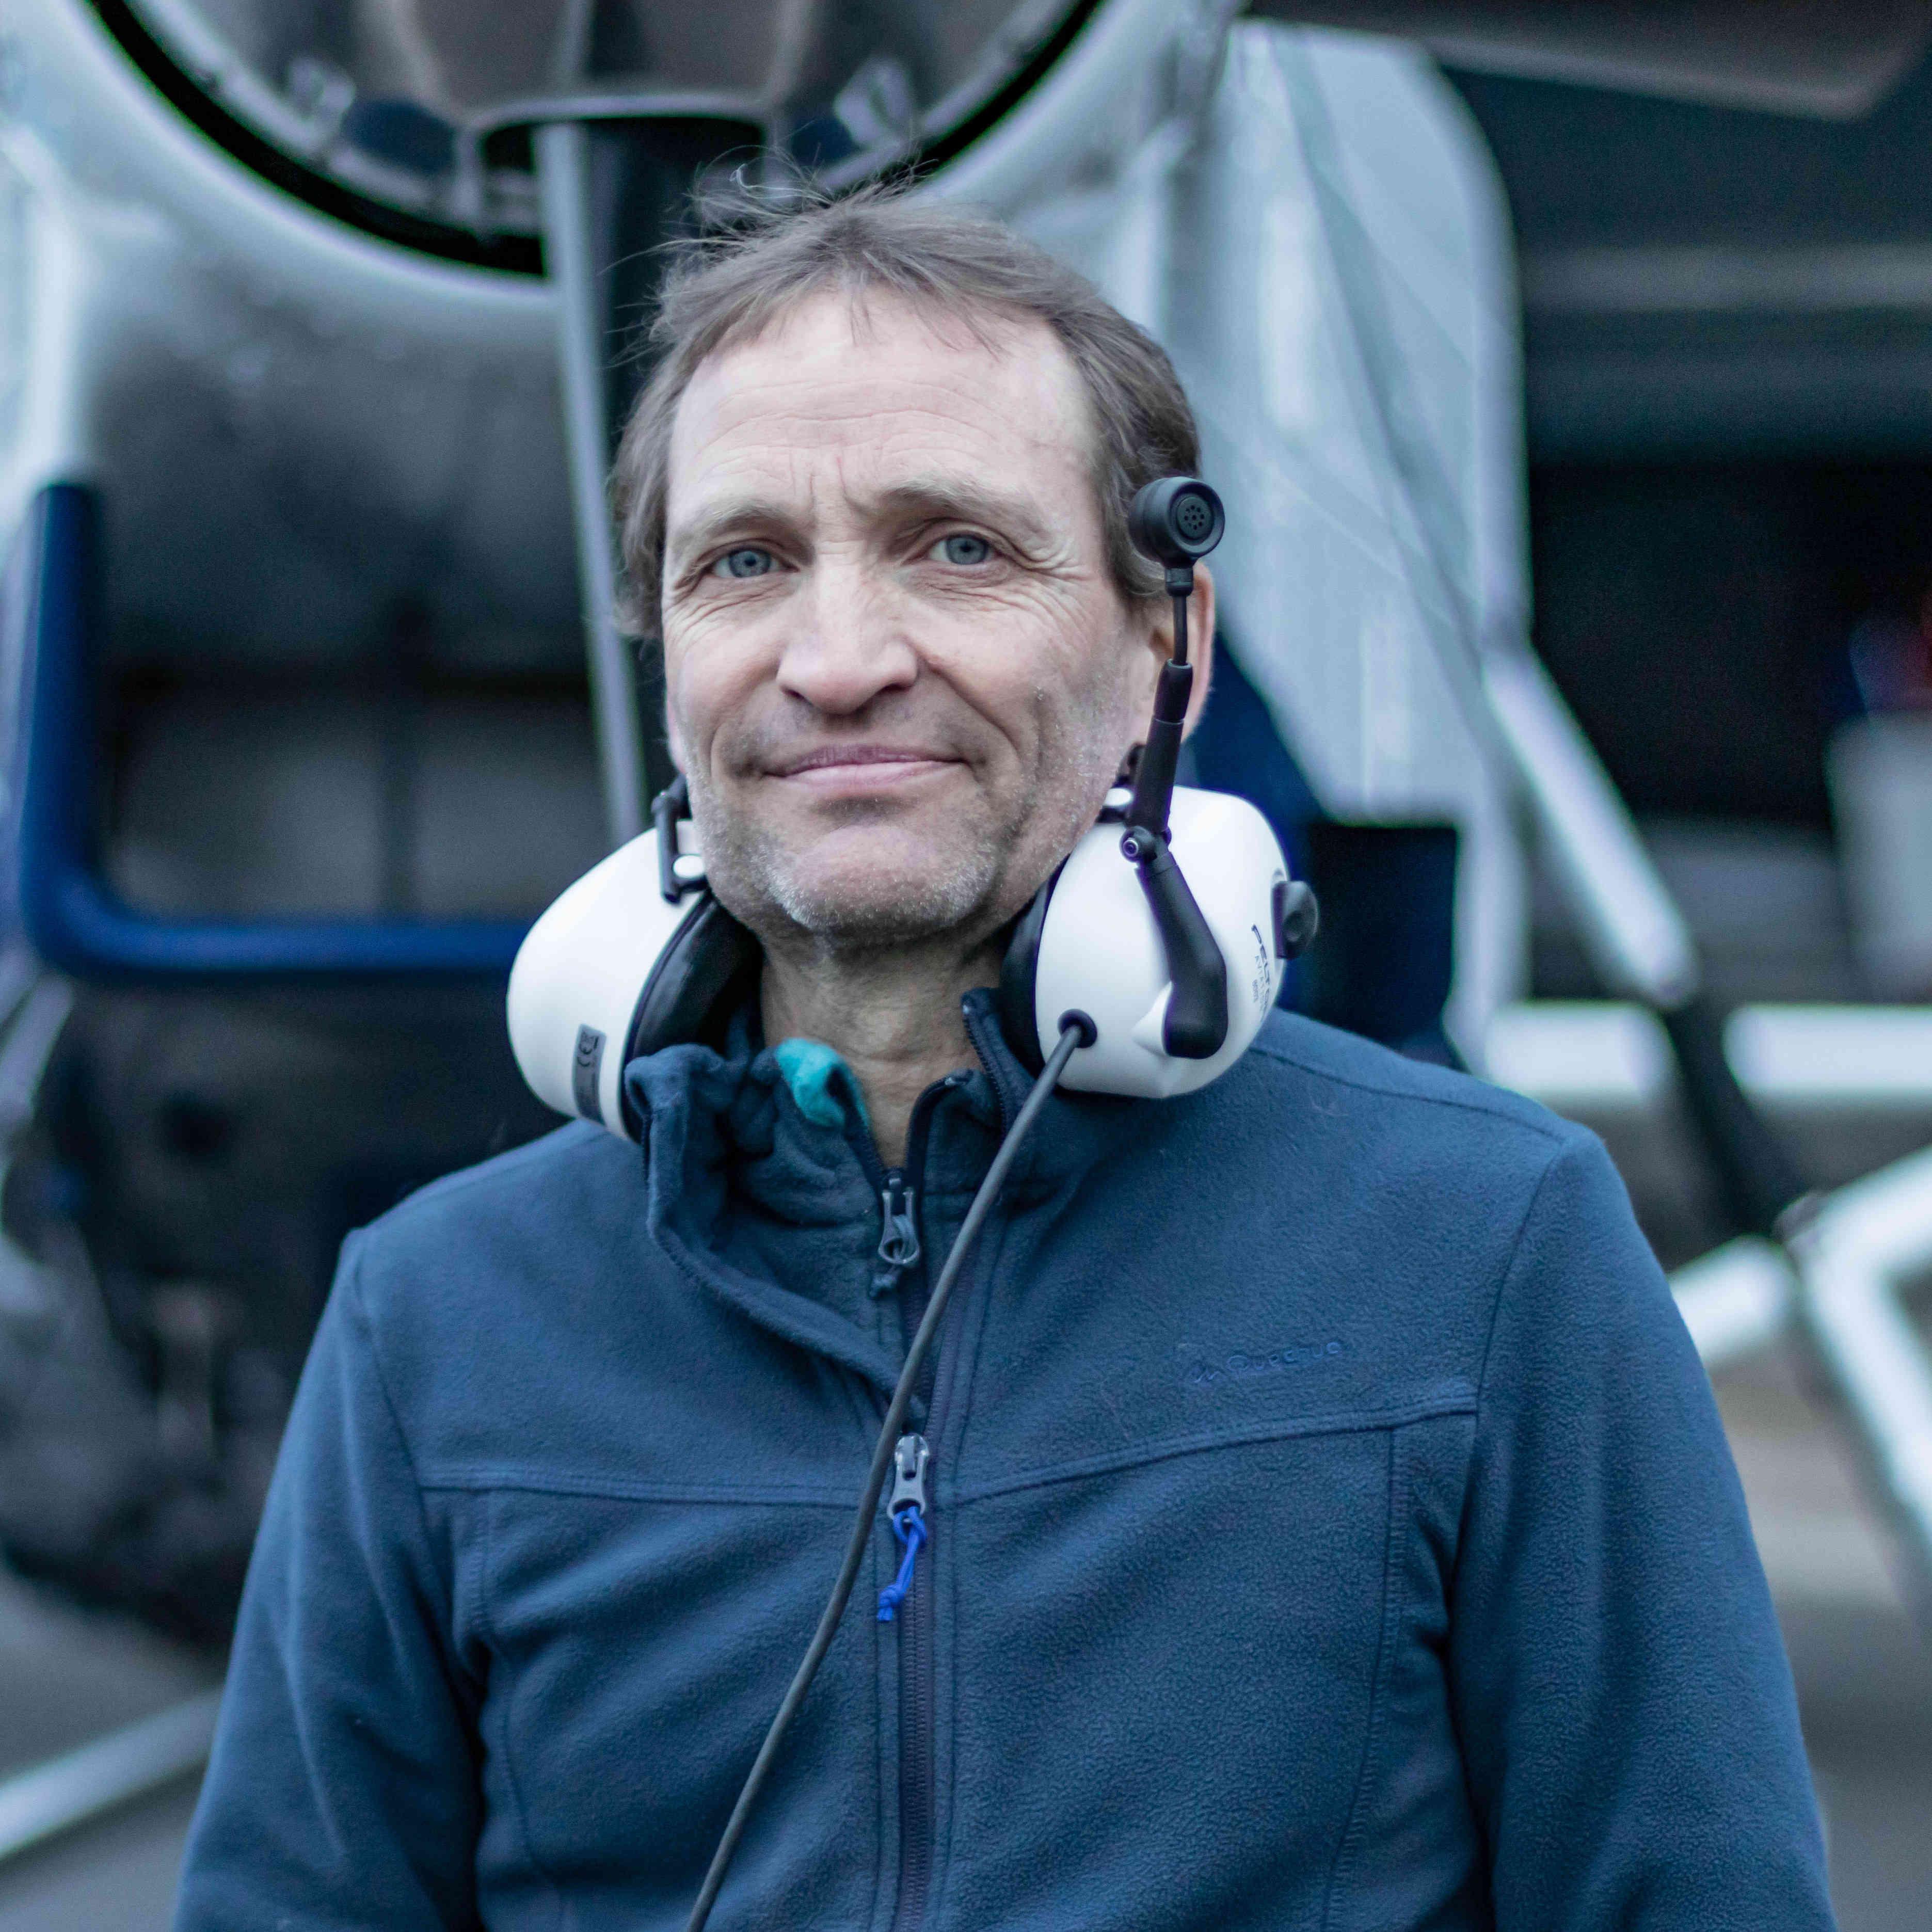 Alix, pilote pilatus du centre de parachutisme Brienne Aube Parachutisme centre de parachutisme proche de Paris